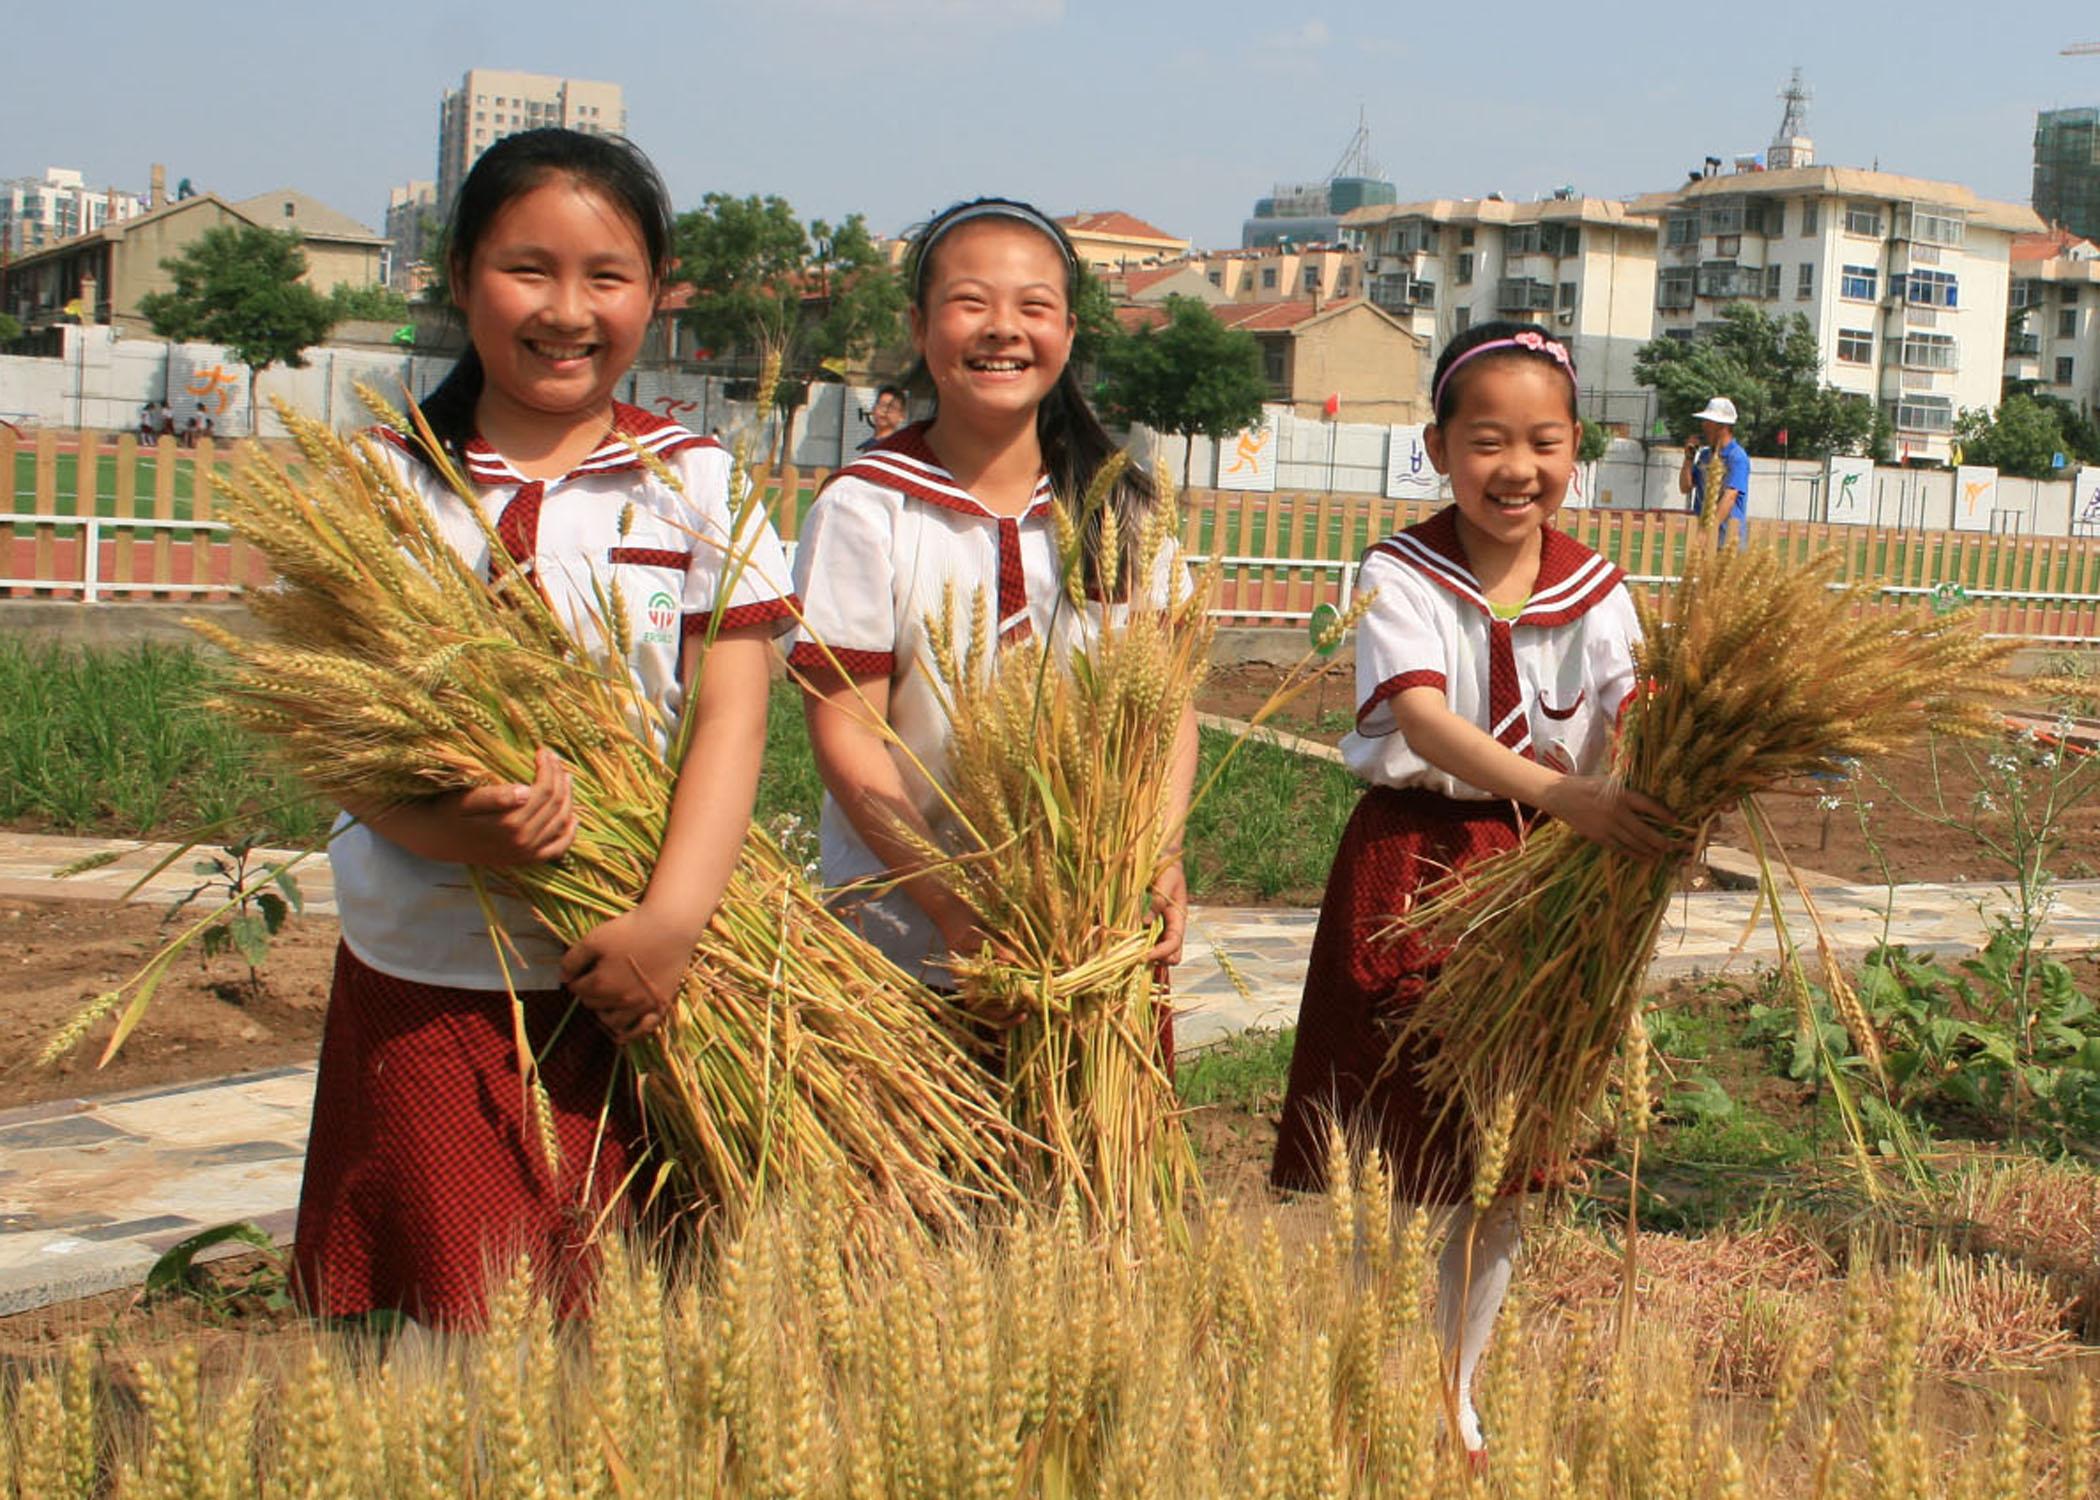 蓬莱市第二实验小学种植园里收小麦